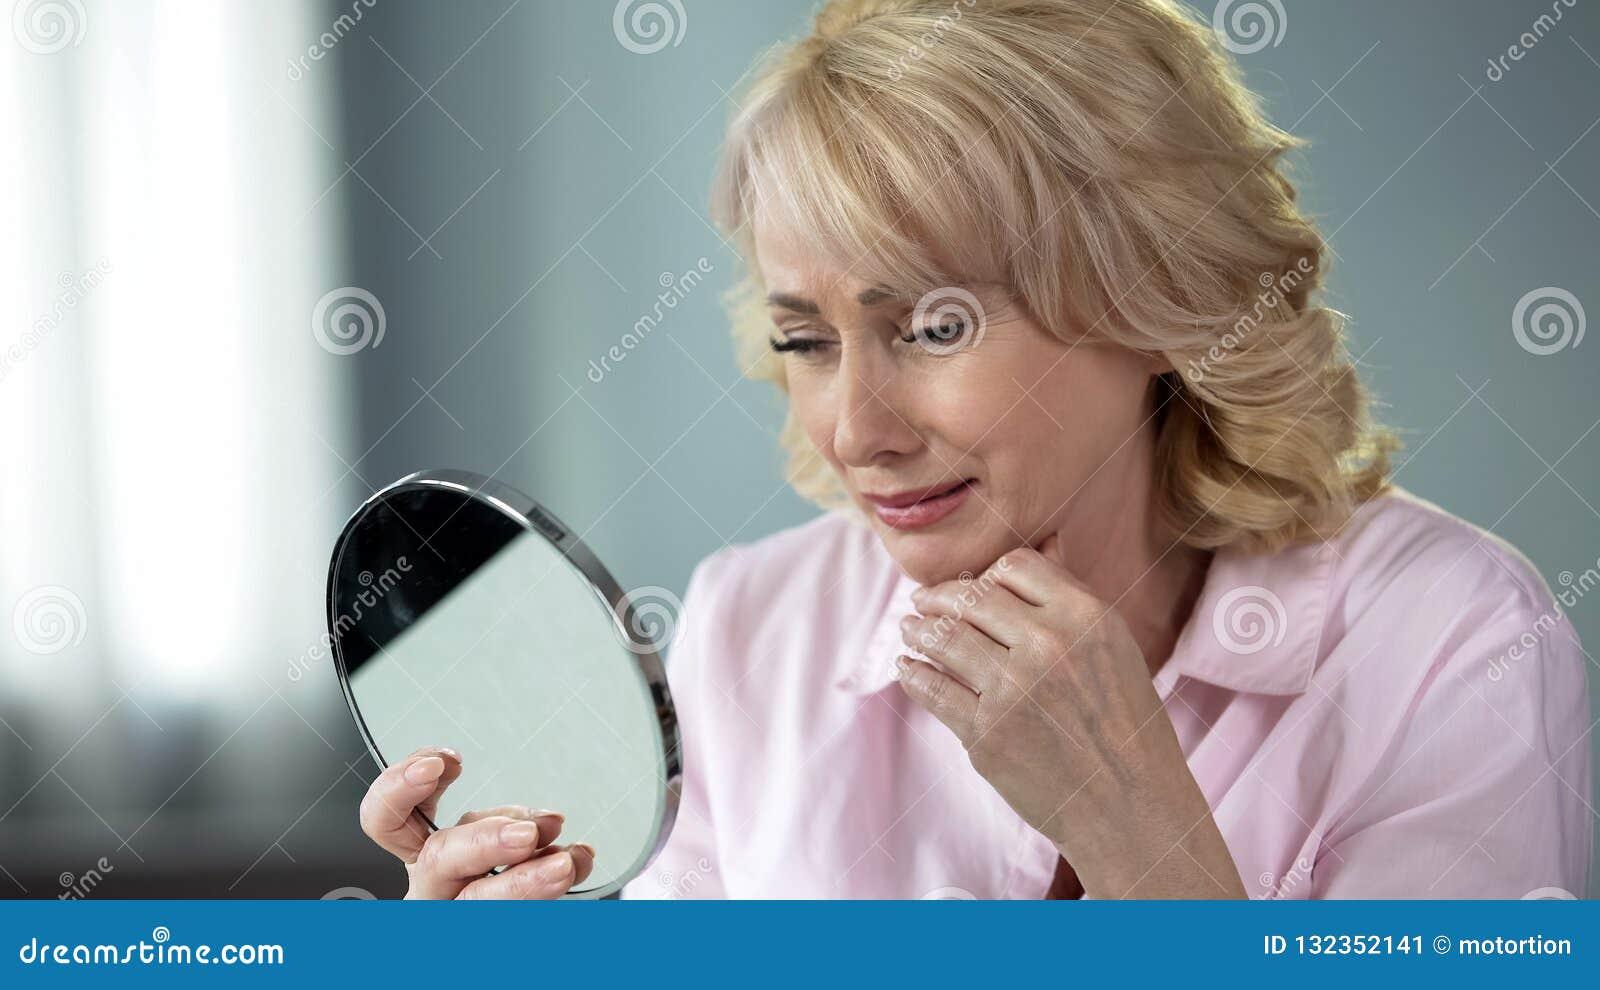 她50的夫人看在镜子记住年轻和健康皮肤,乡情的